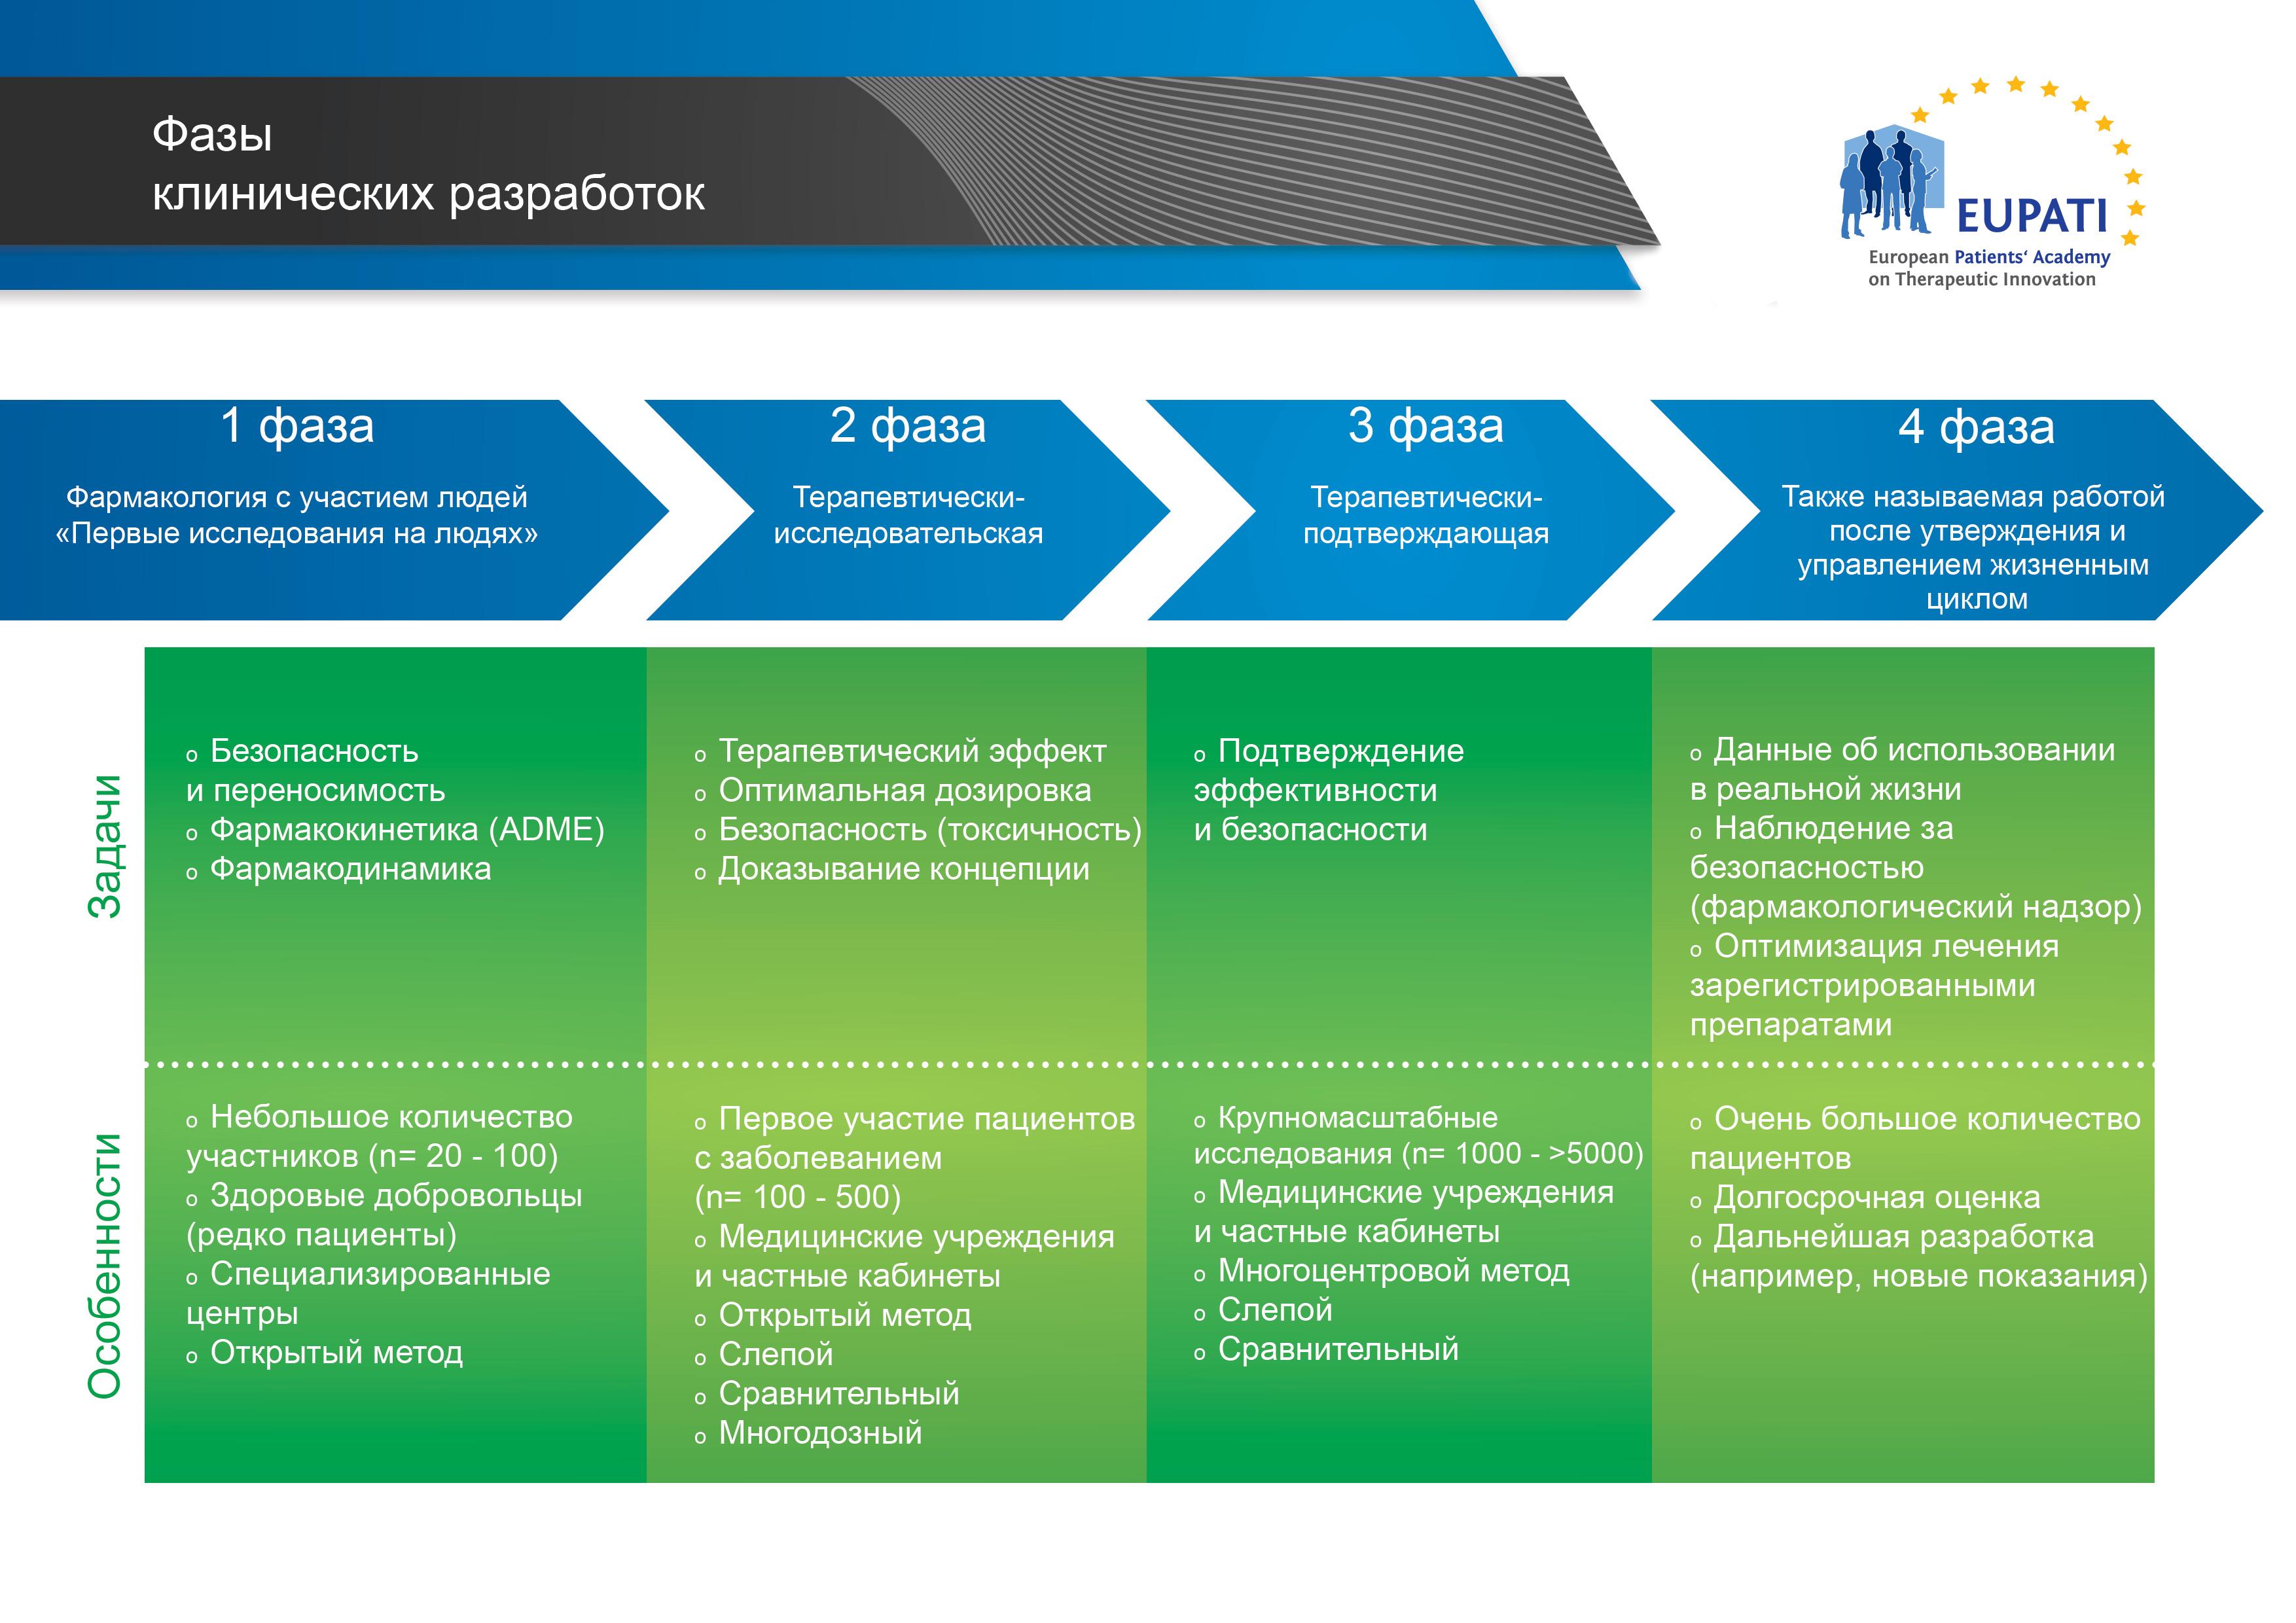 На основании их задач и особенностей выделяют четыре фазы клинических разработок.